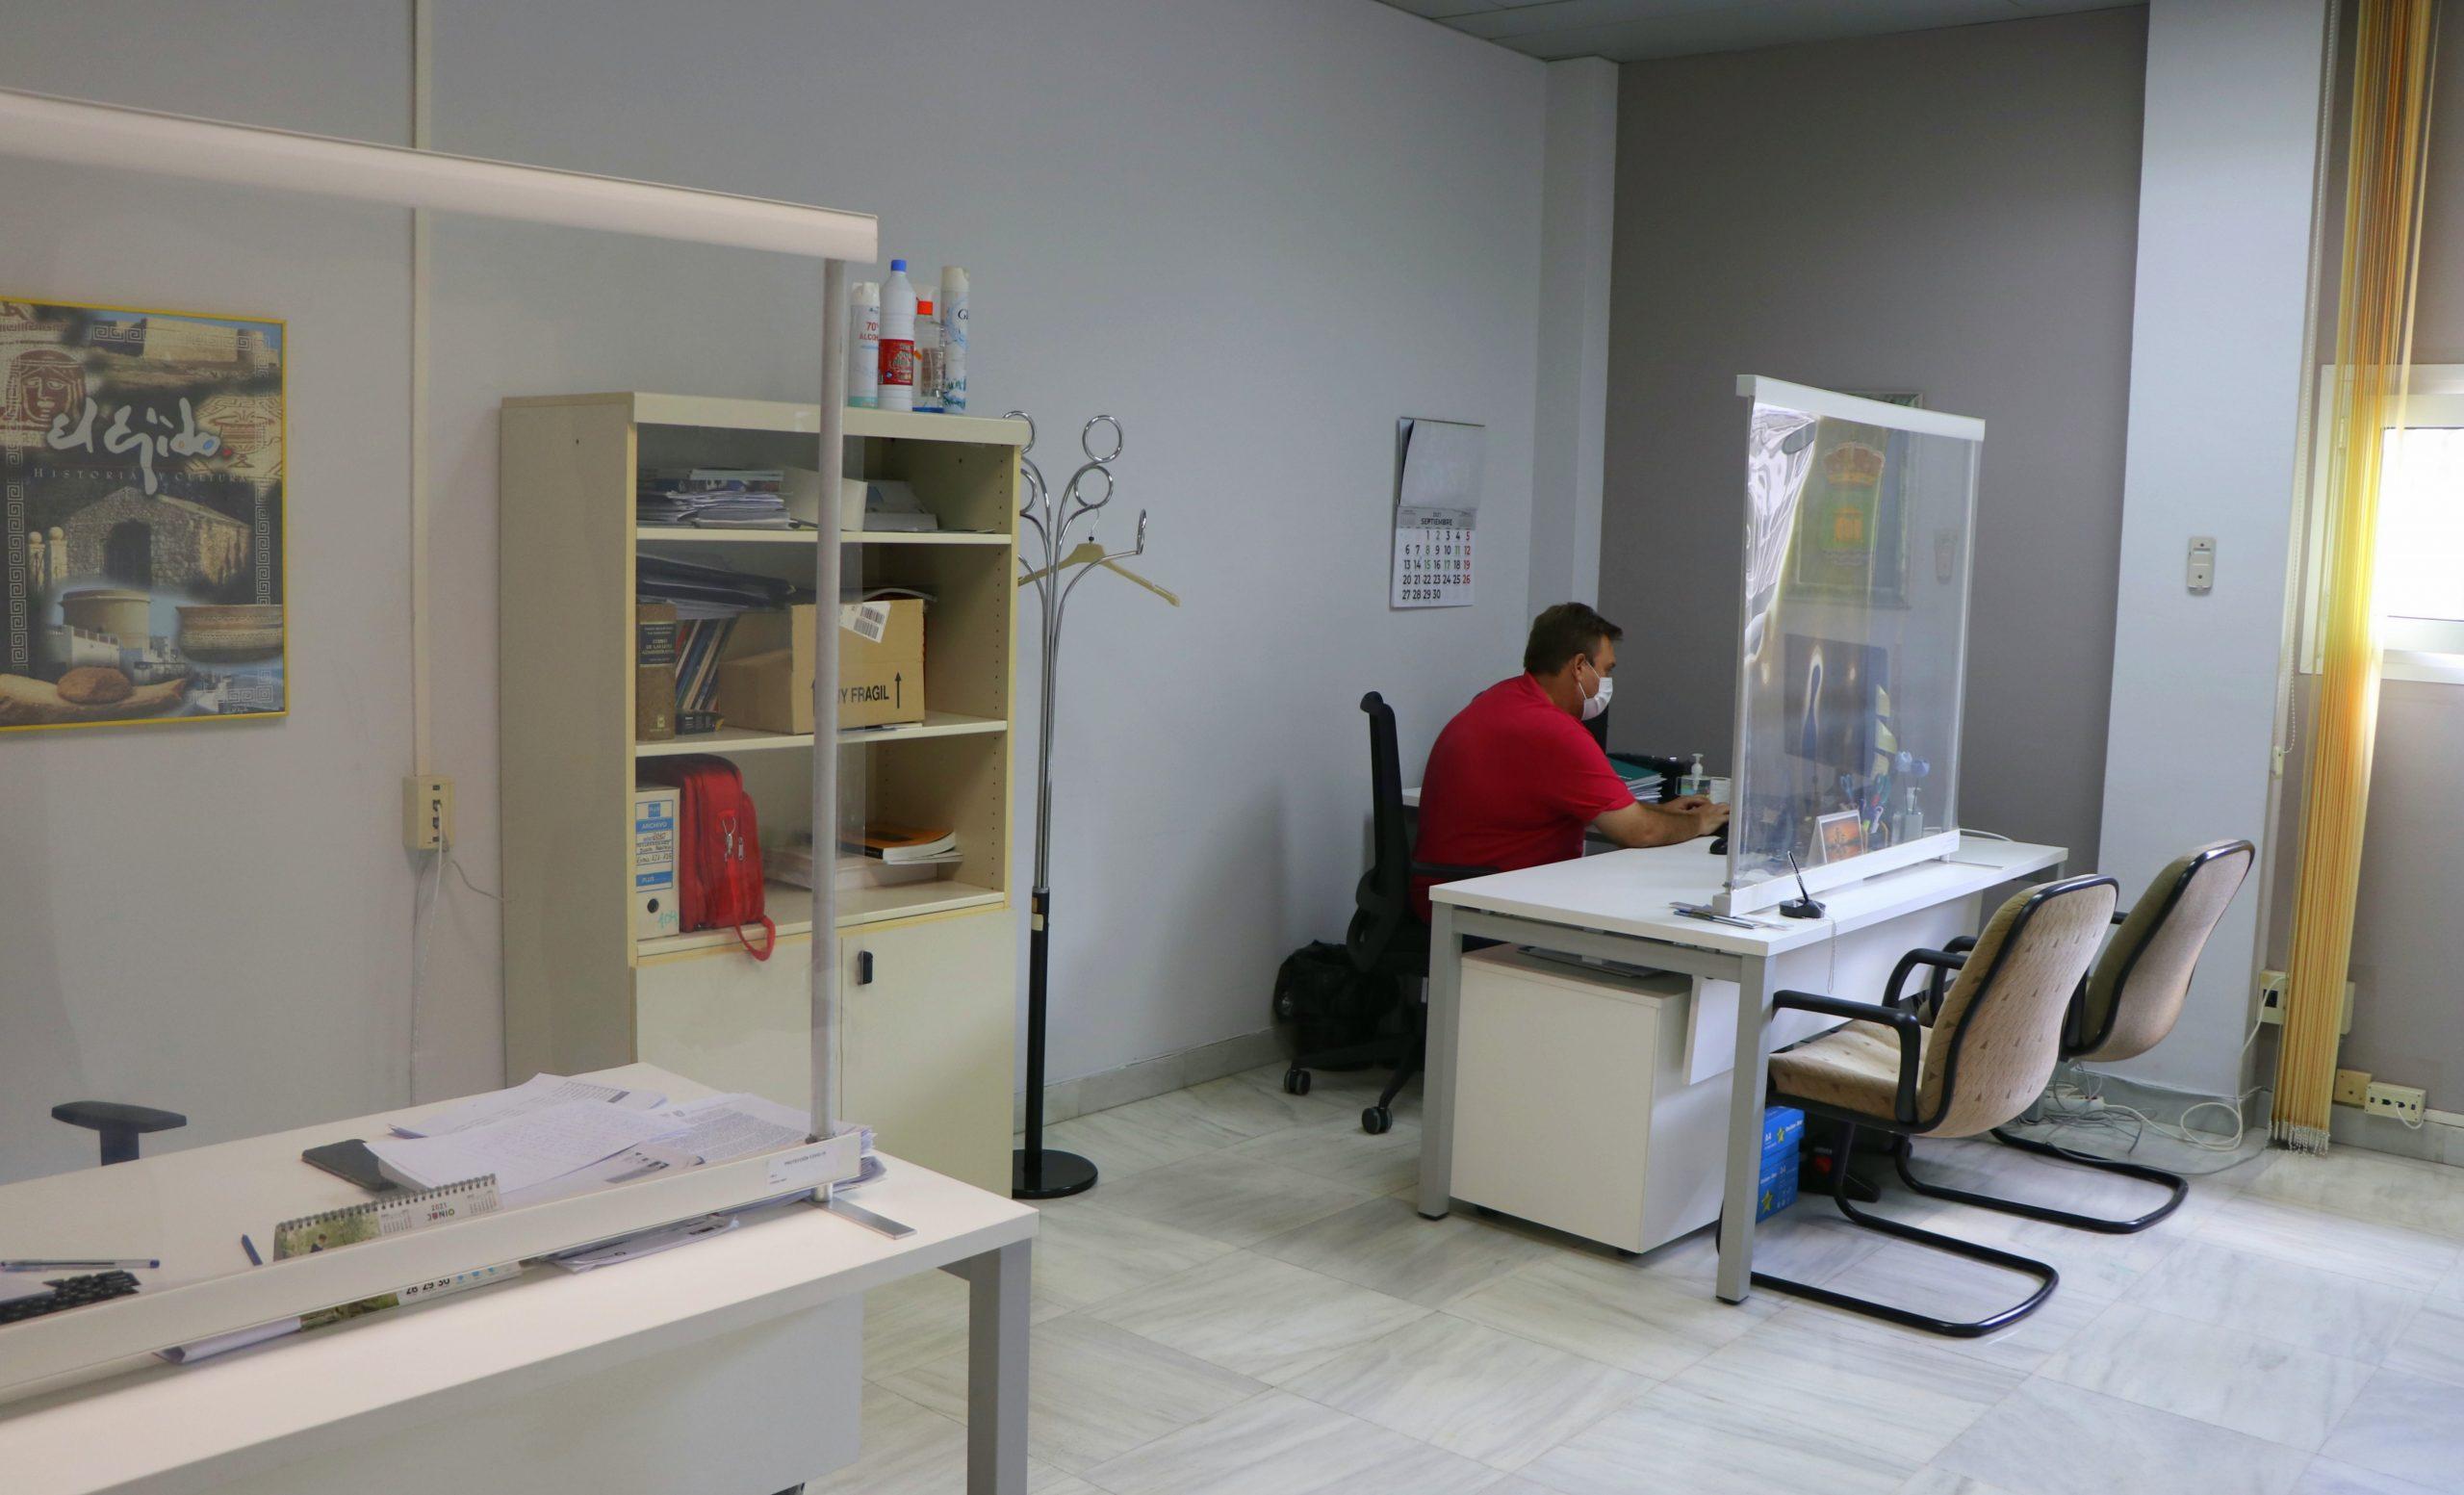 La Oficina Municipal de Información al Consumidor atiende en el primer semestre del año 1.137 consultas y reclamaciones